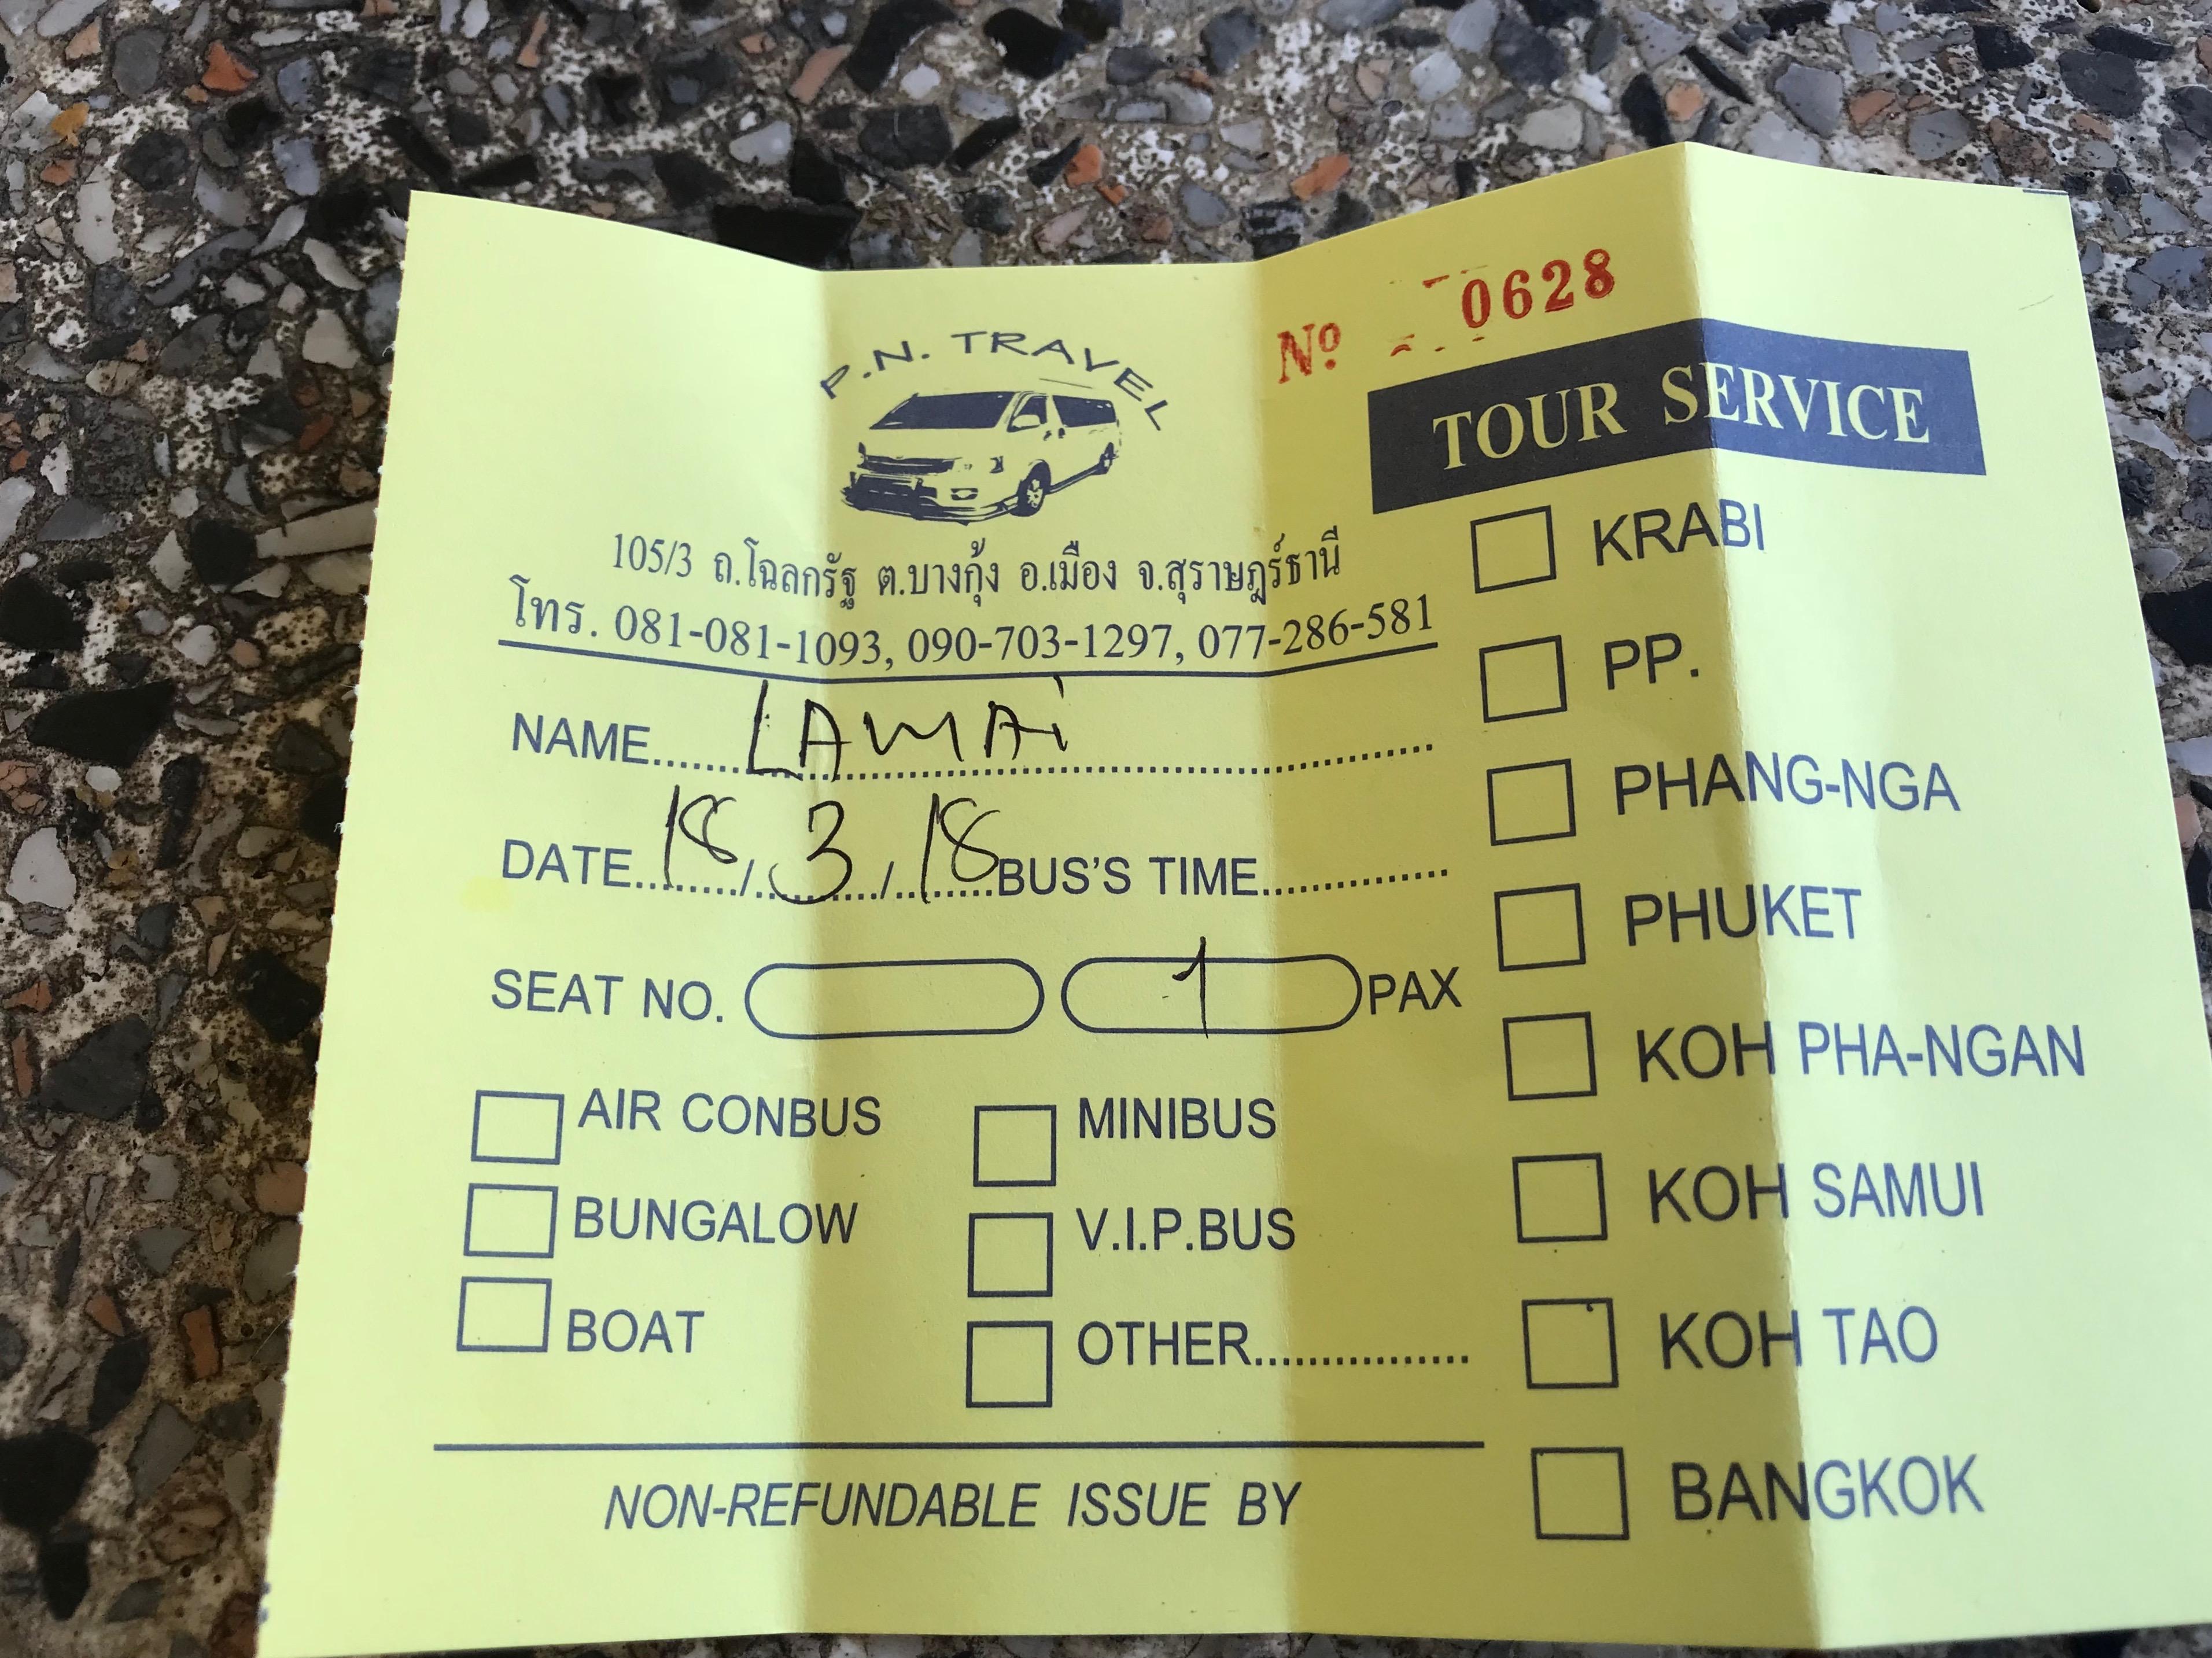 ボロバス会社のチケット